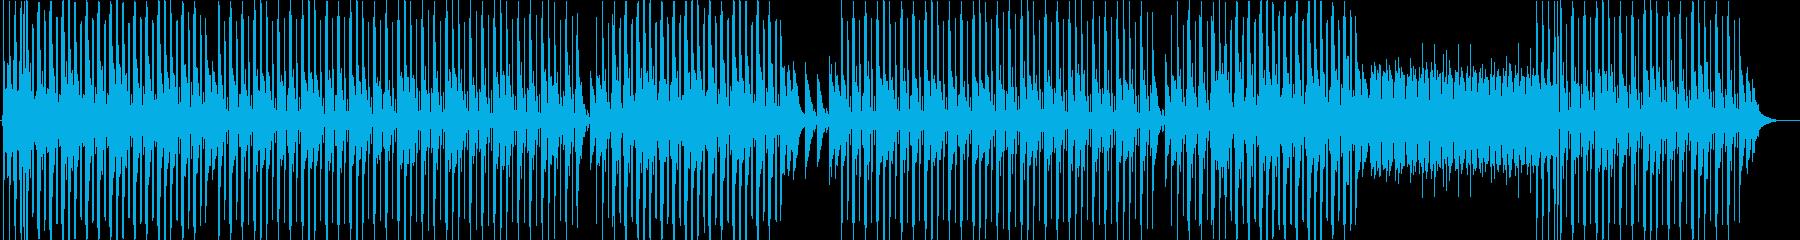 洋楽、トラップソウル、R&Bチルアウト♪の再生済みの波形